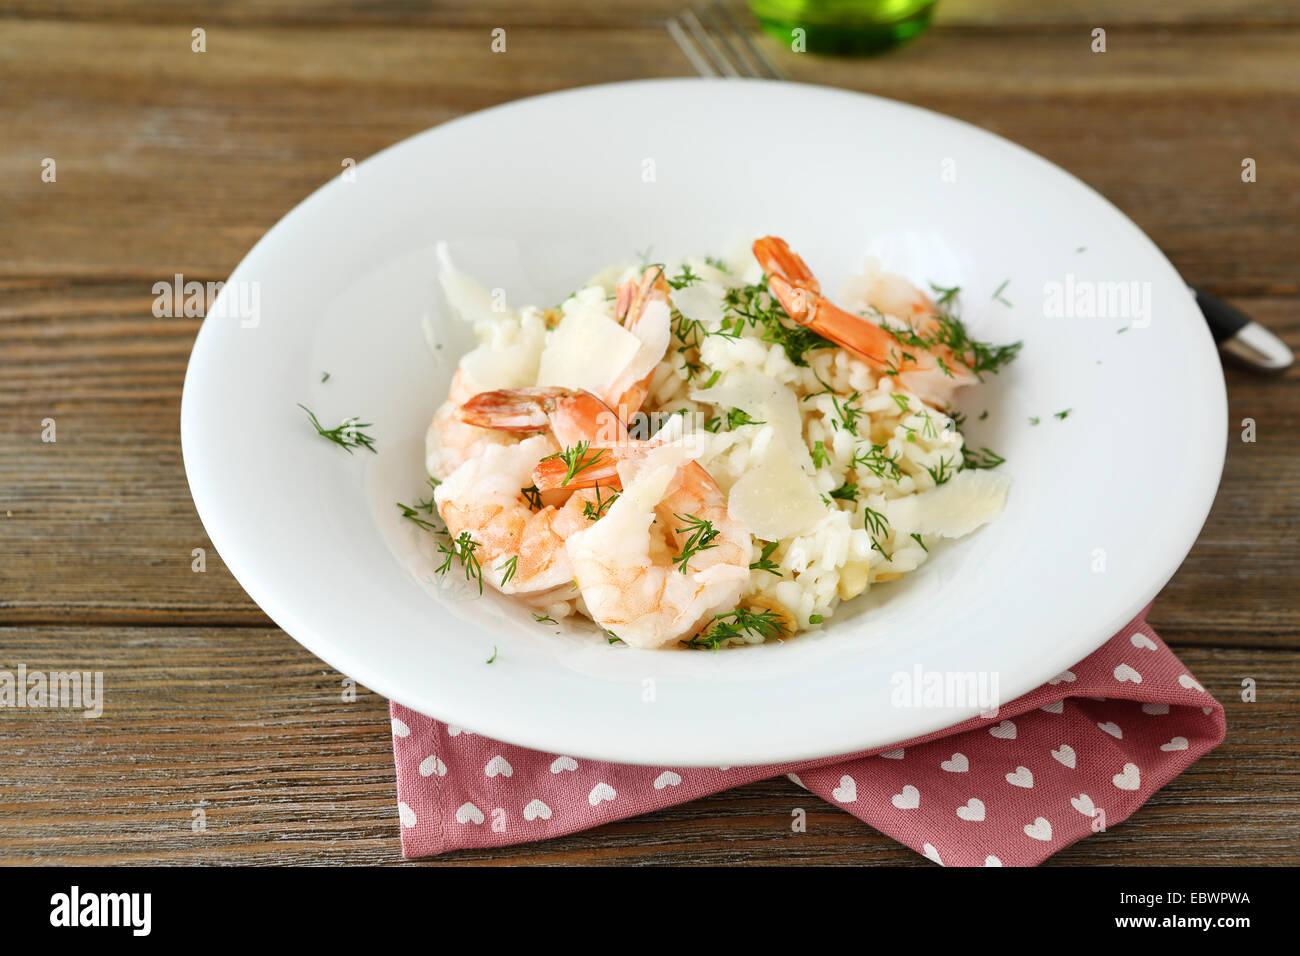 Arroz con camarones y eneldo sobre un plato de comida nutritiva, Imagen De Stock